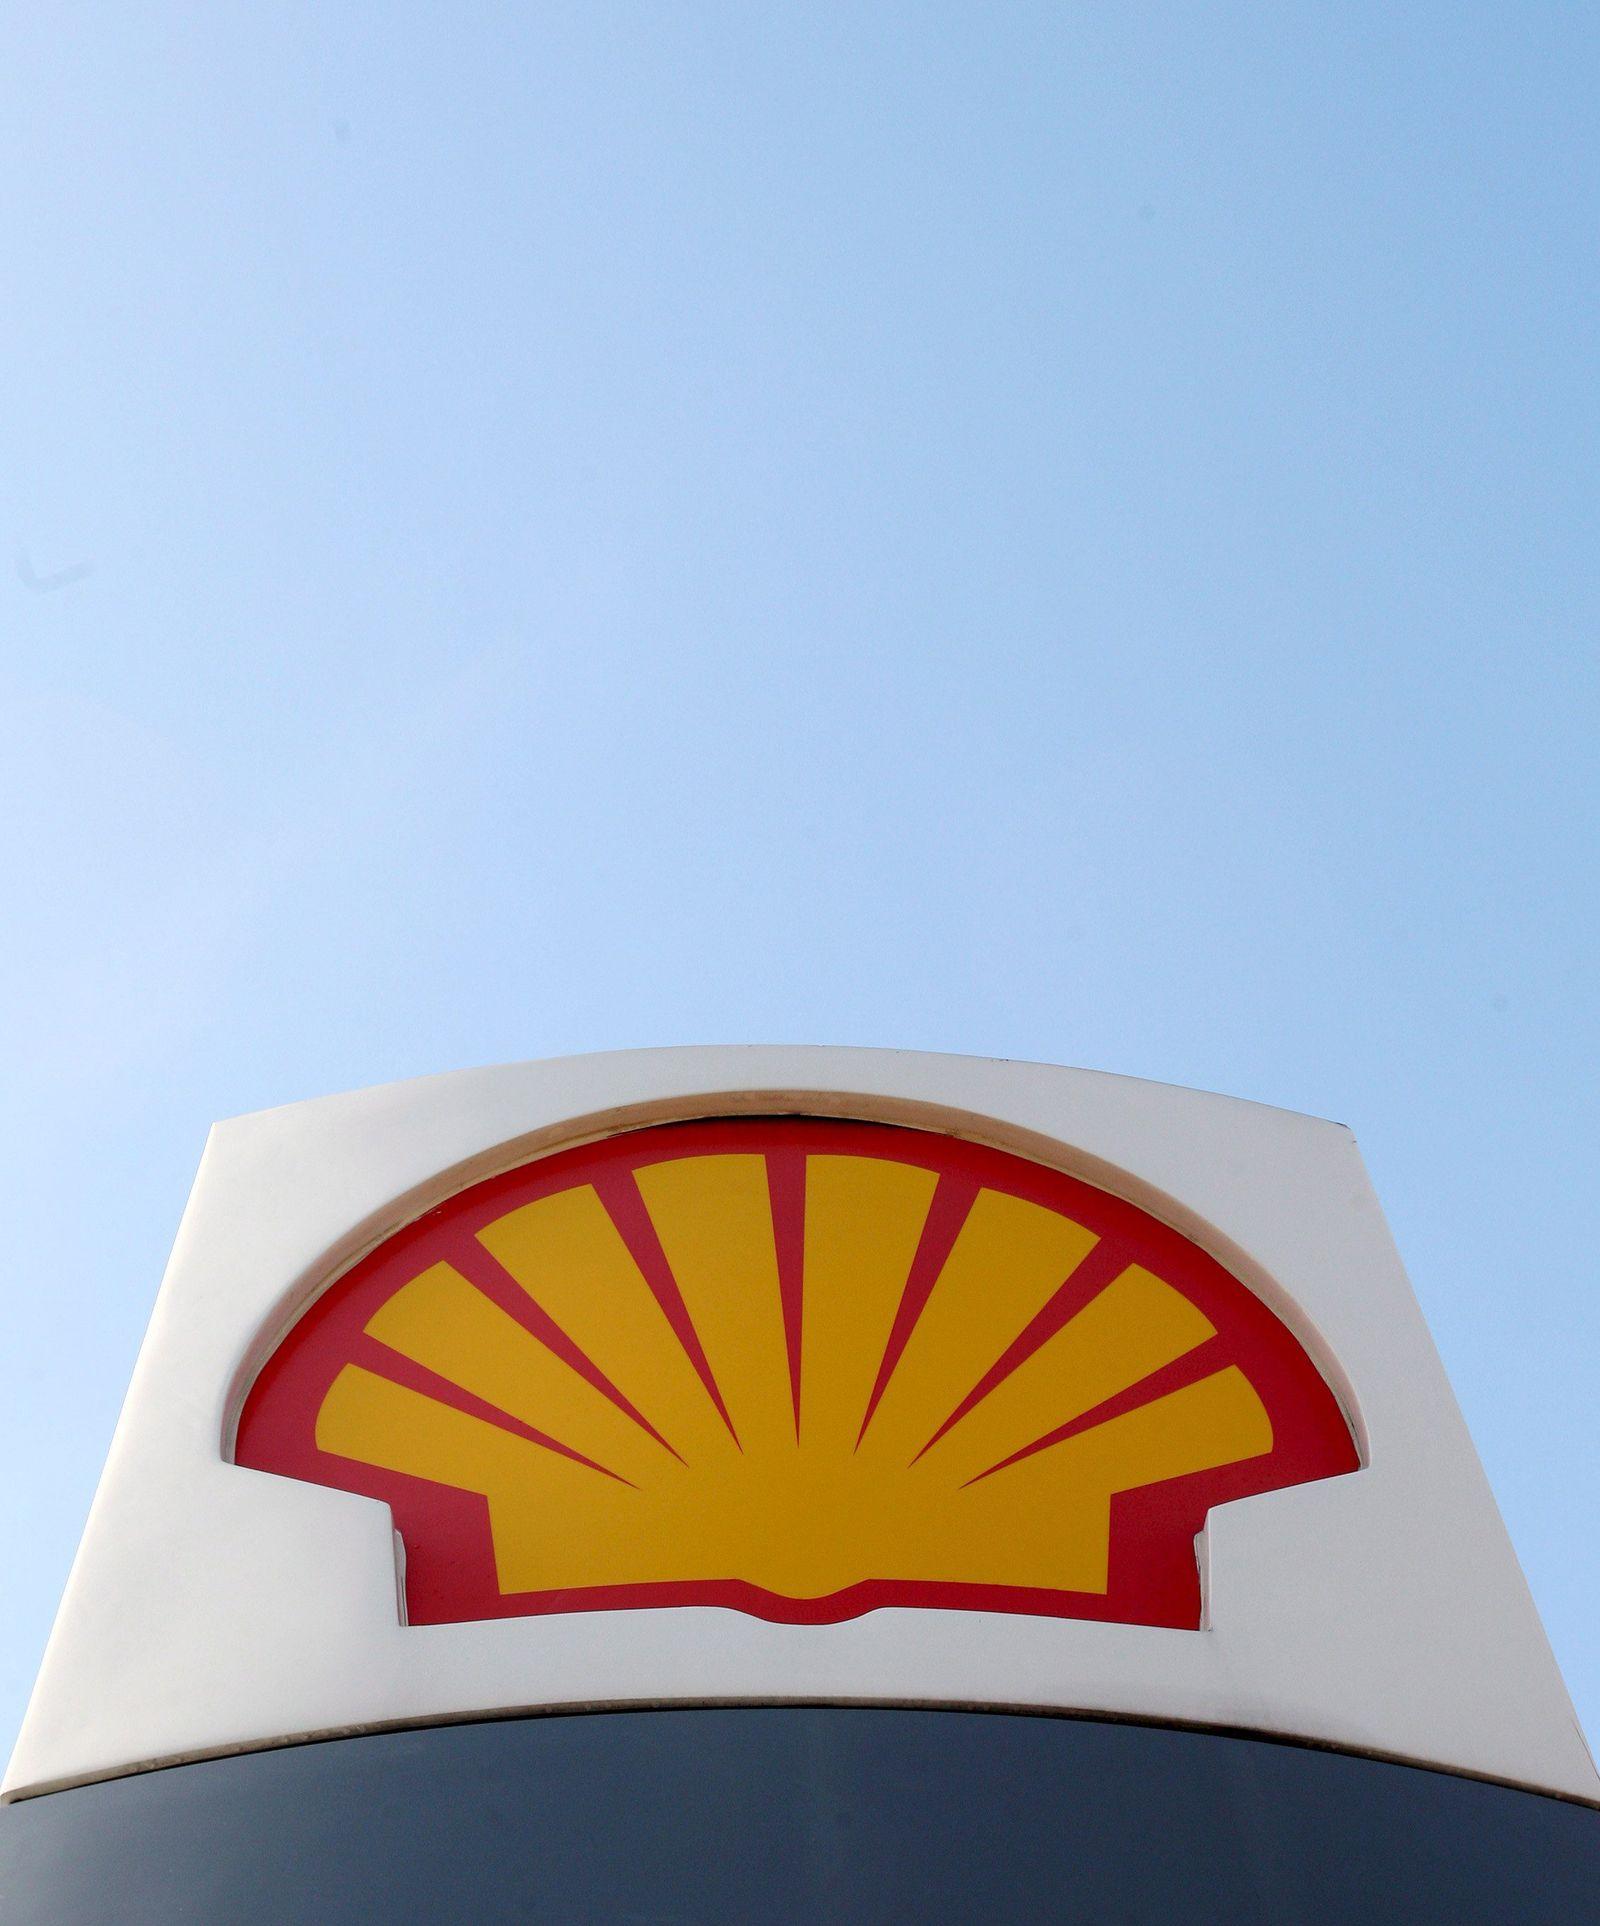 Shell steigert Gewinn und Umsatz deutlich